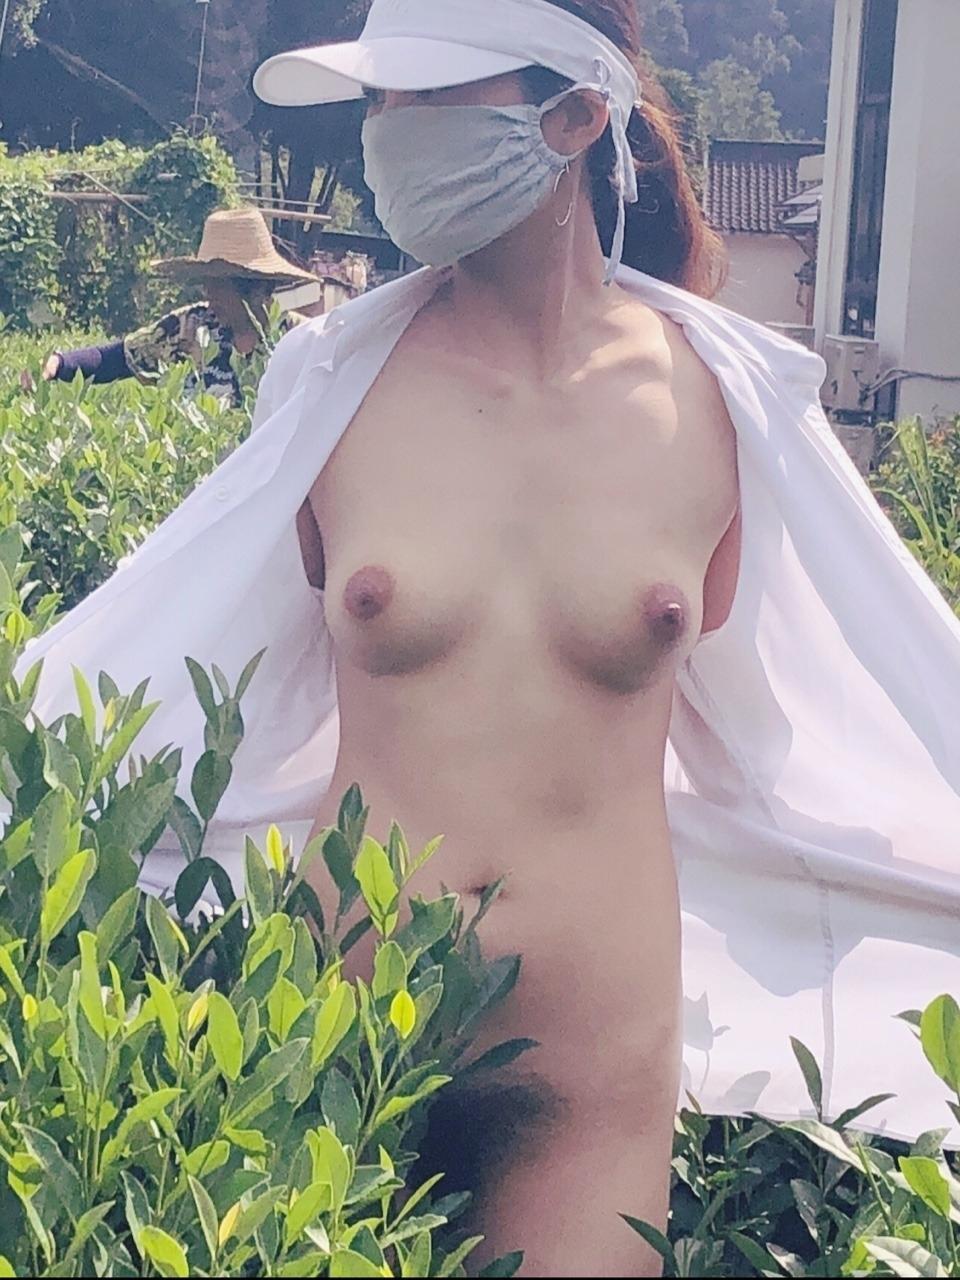 スレンダー美女が茶畑で野外露出してるヌード画像 8